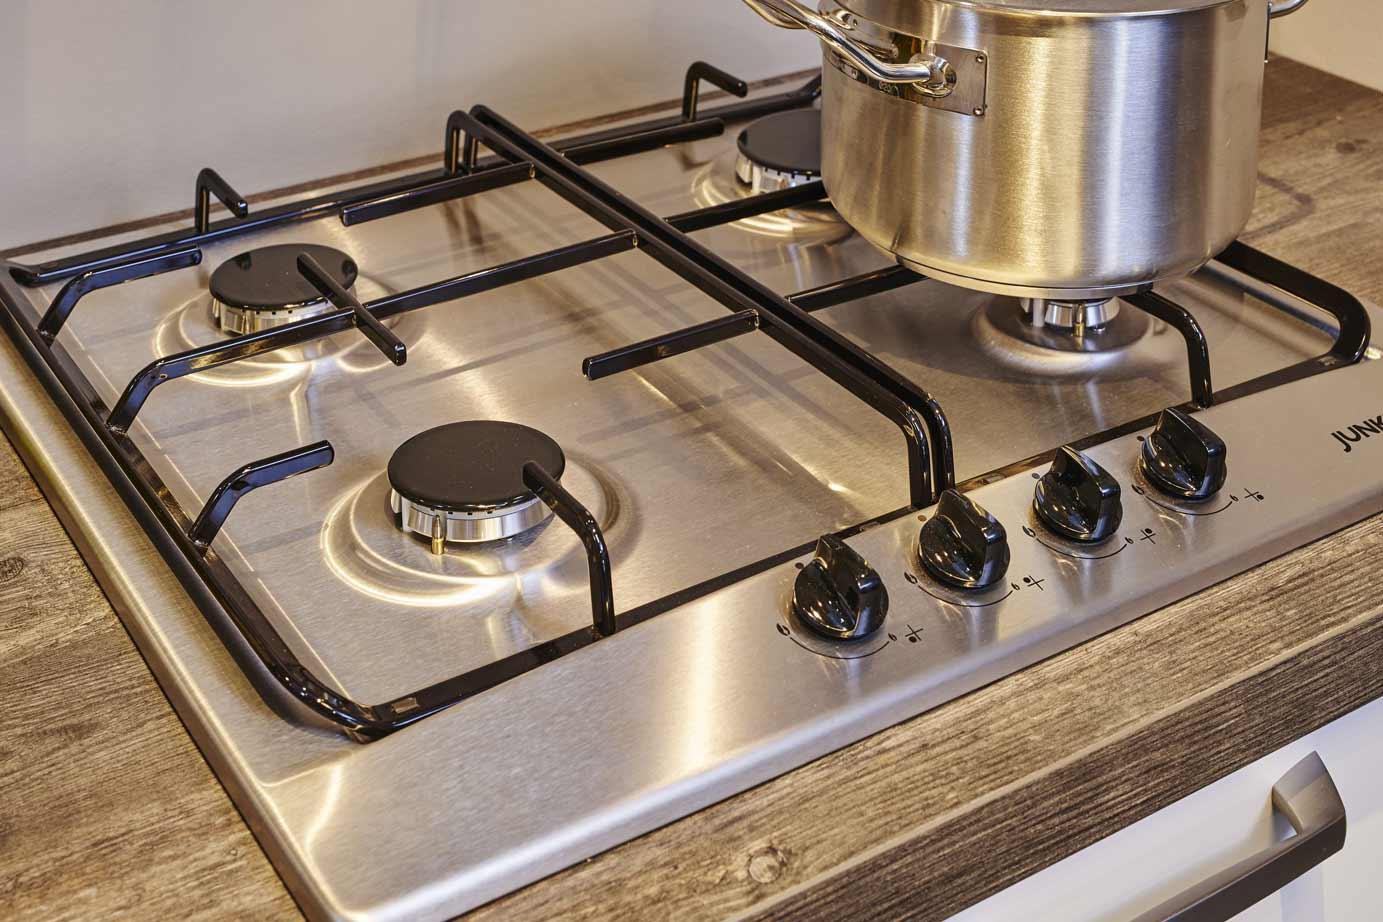 Keuken Kopen Onderhandelen : dbasic line goedkope keuken kopen komt u een goedkope keuken kopen